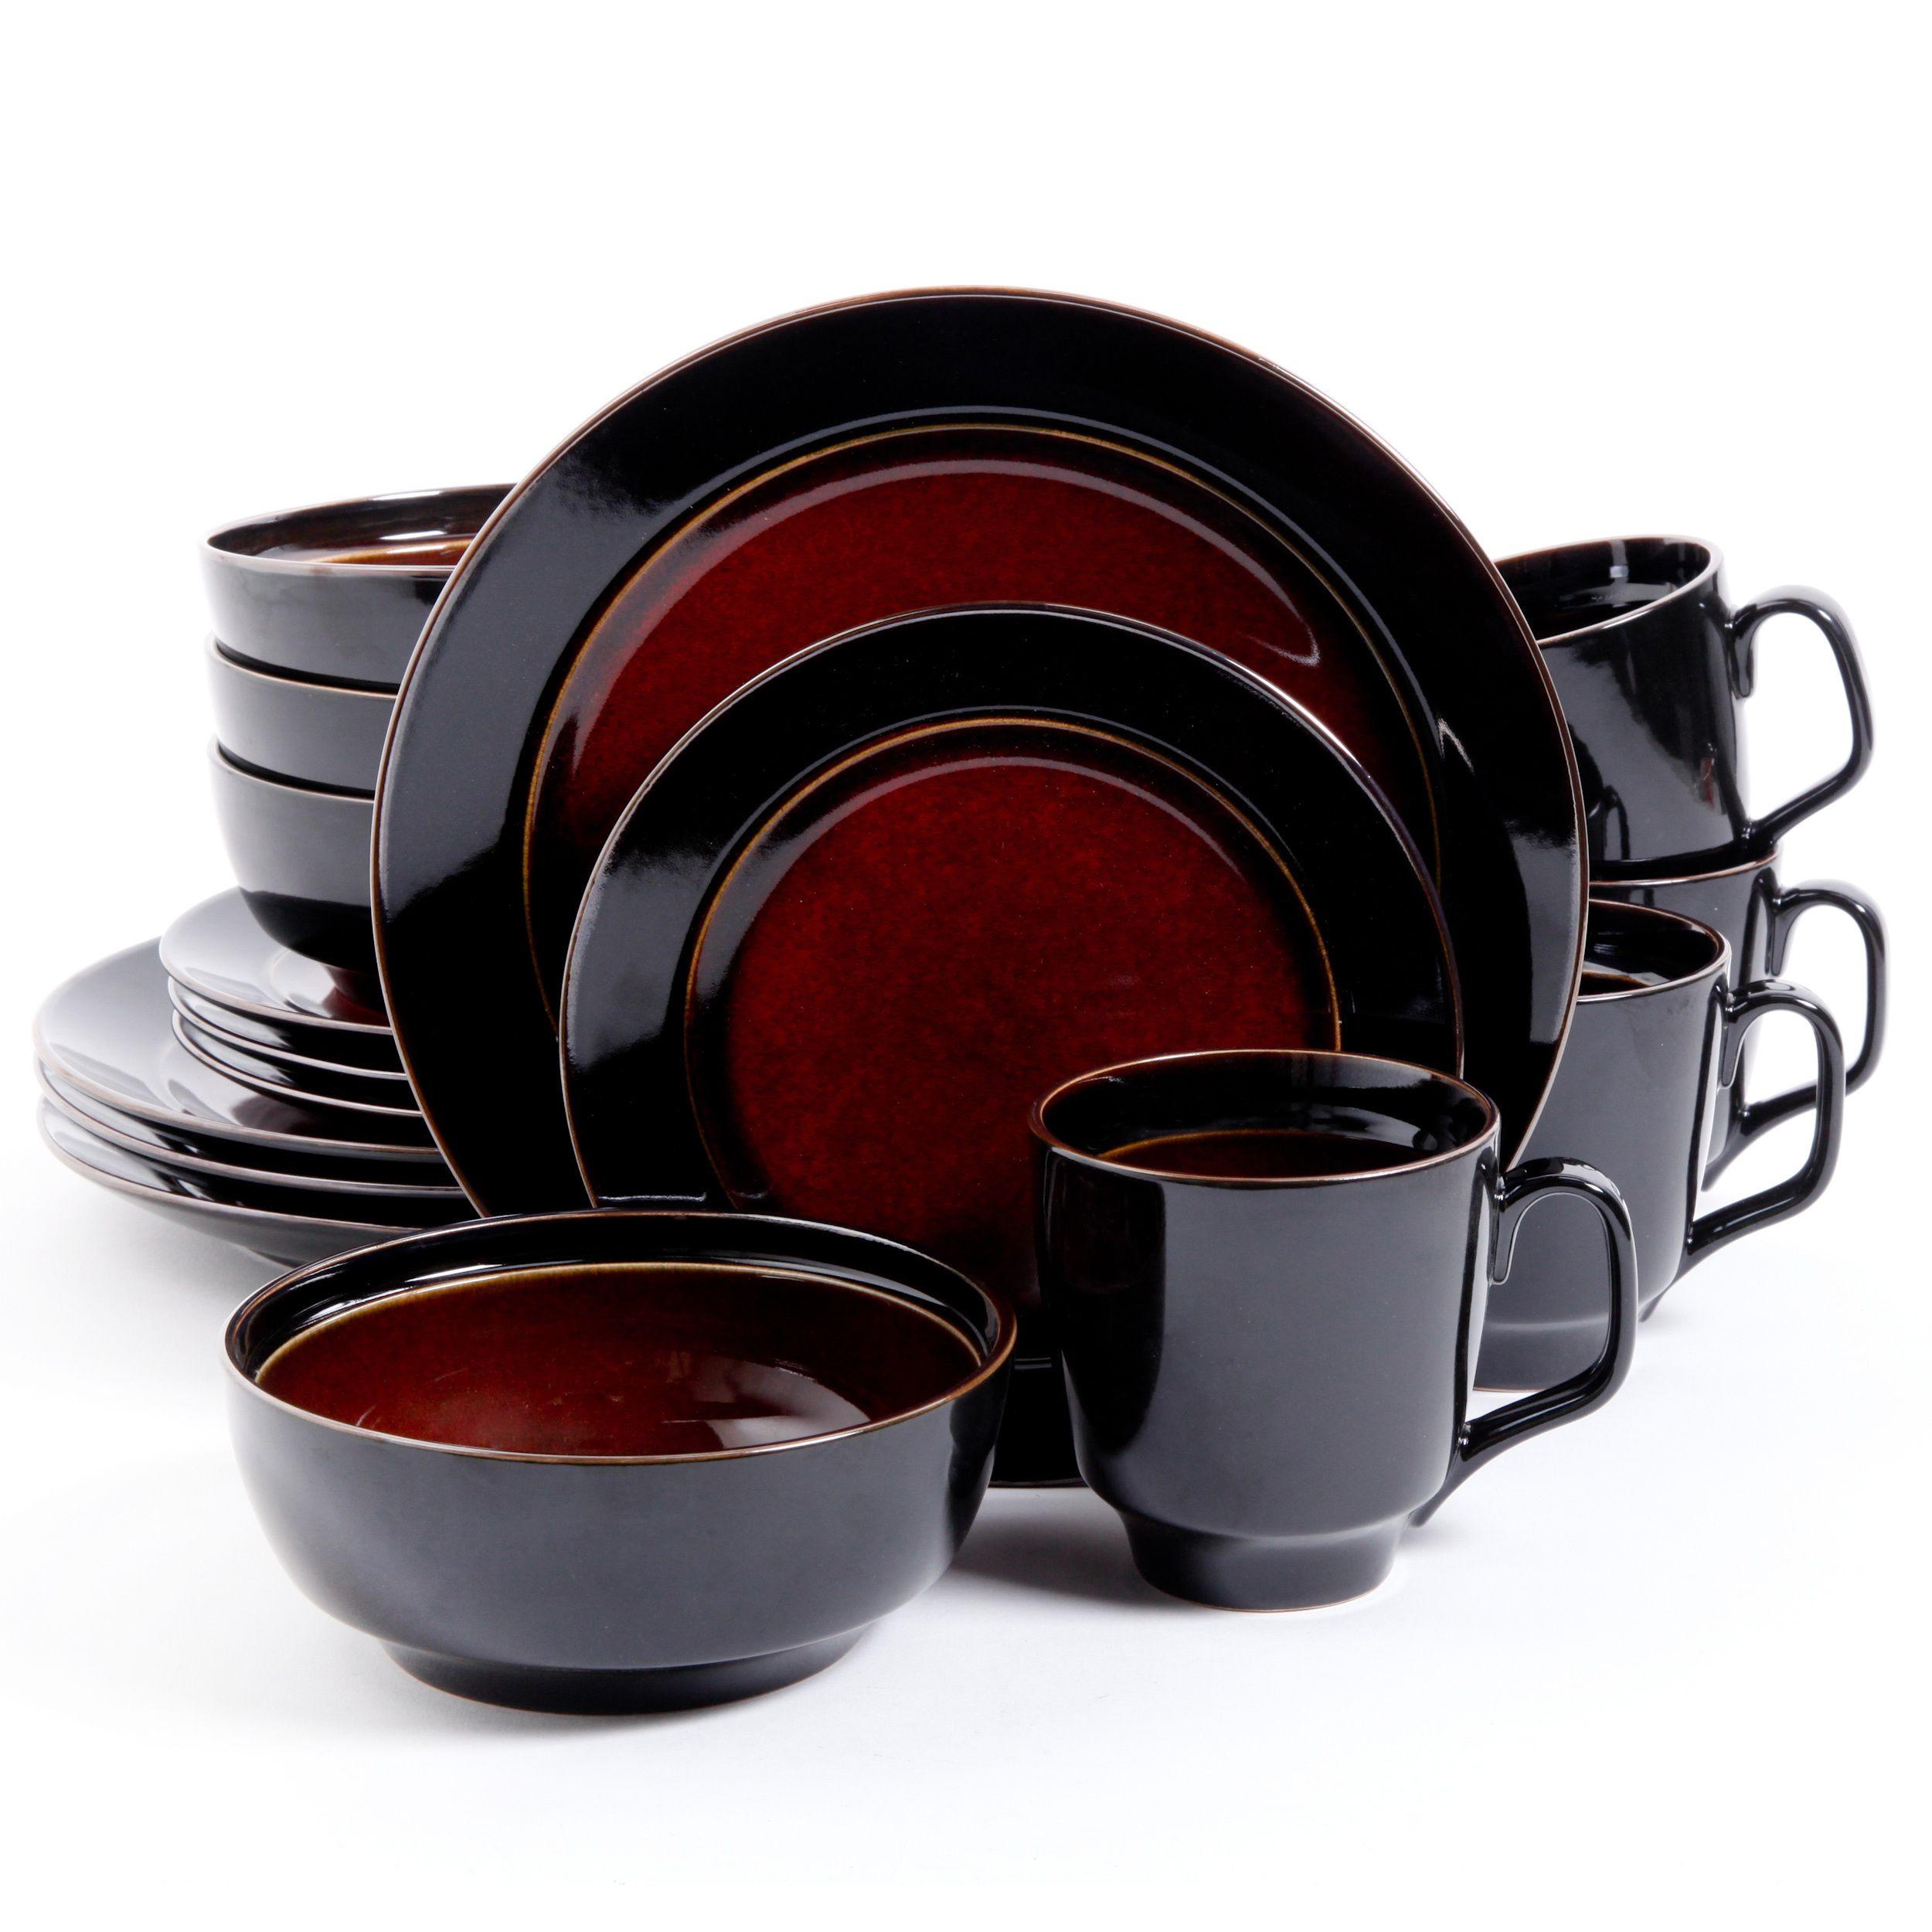 sc 1 st  Pinterest & Bella Galleria 16-piece Red Stoneware Dinnerware Set by Gibson Elite